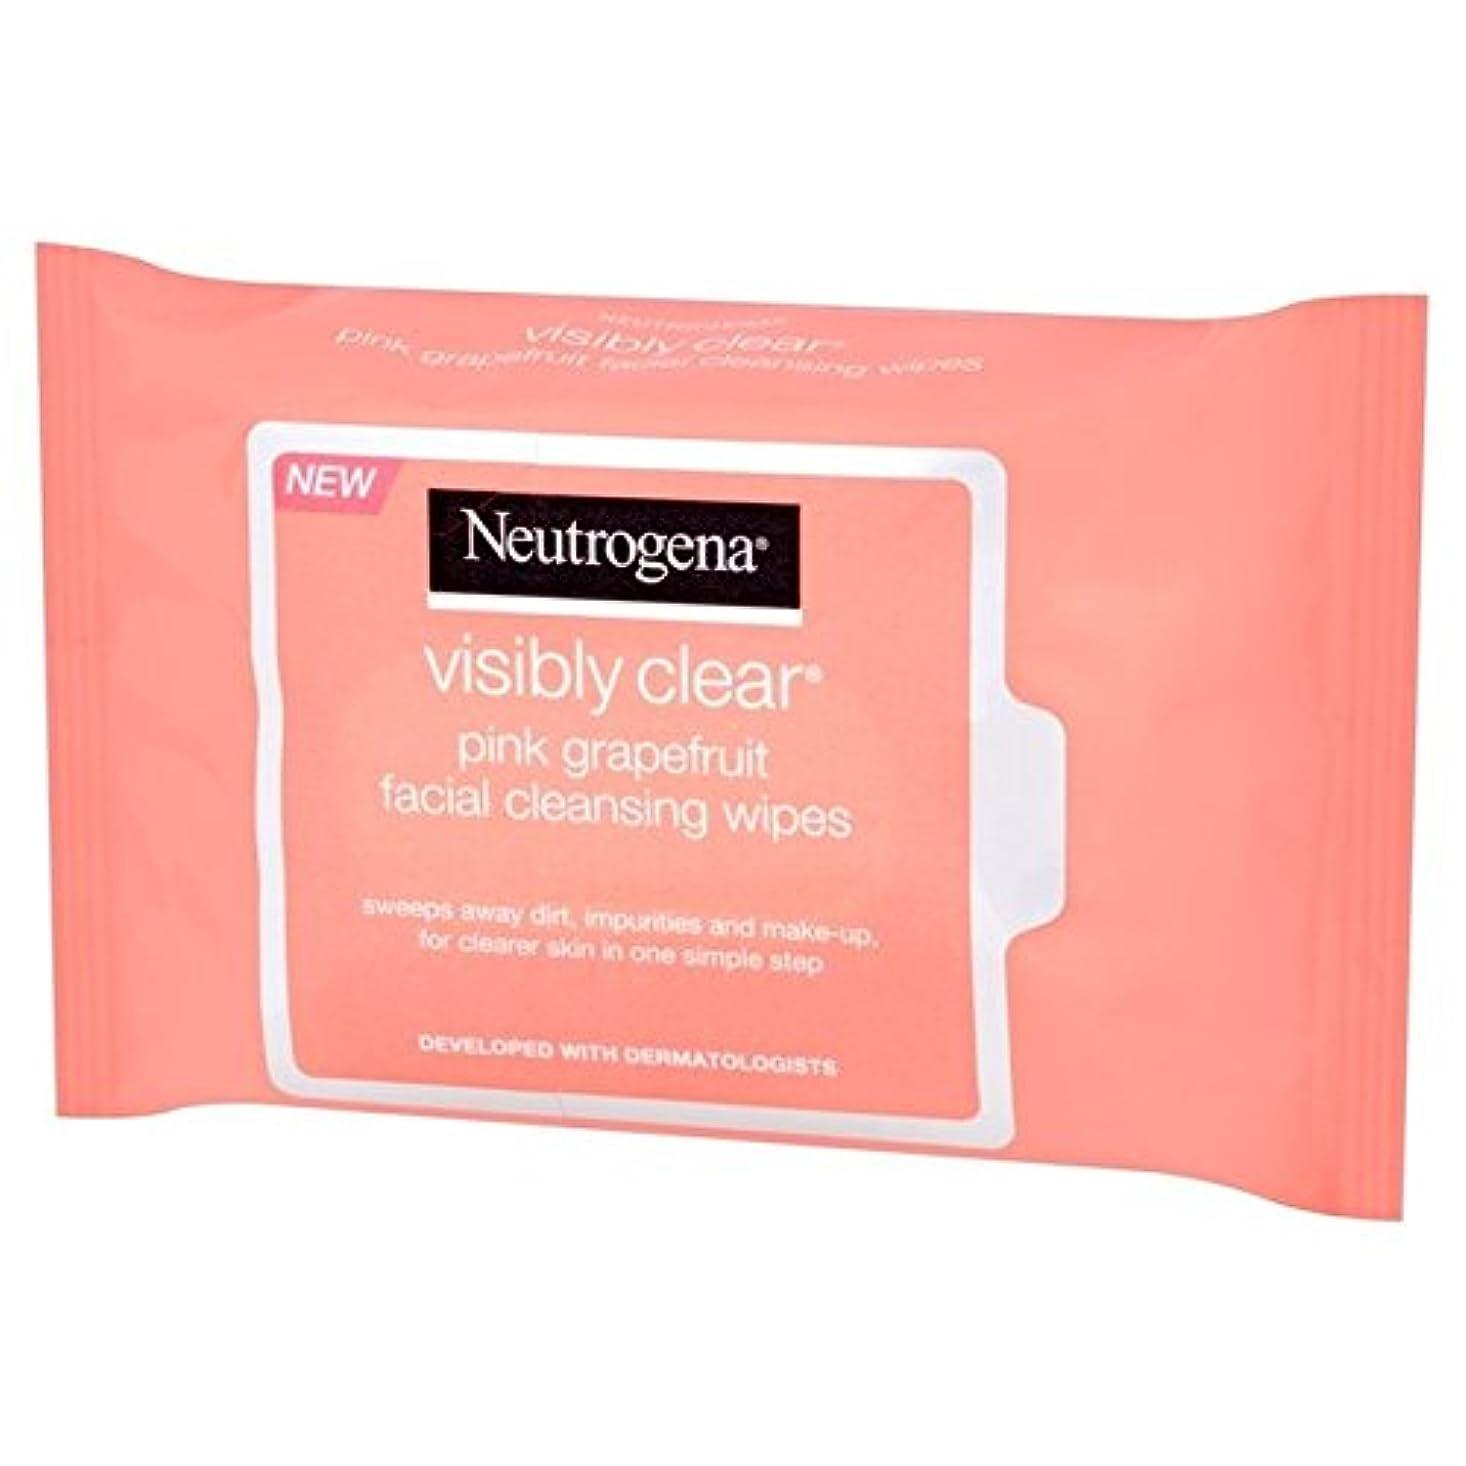 オリエンタル巧みな誓うNeutrogena Visibly Clear Pink Grapefruit Wipes 25 per pack (Pack of 6) - ニュートロジーナ目に見えて明らかピンクグレープフルーツは、パックごとに25ワイプ x6 [並行輸入品]